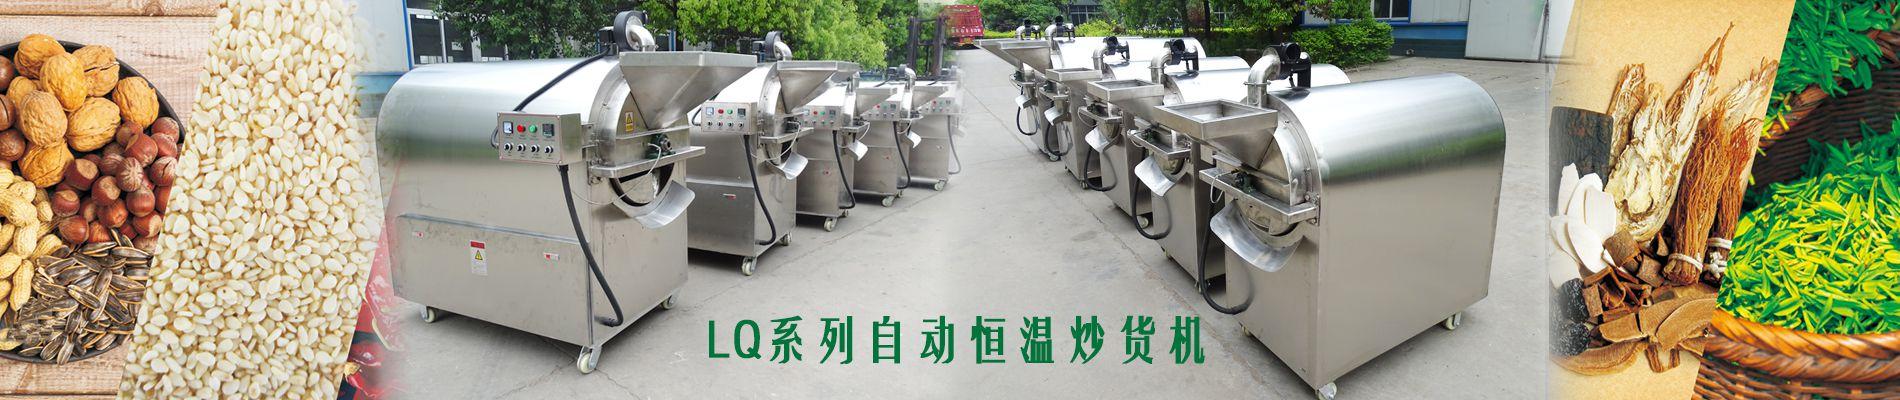 南阳东亿机械设备有限公司